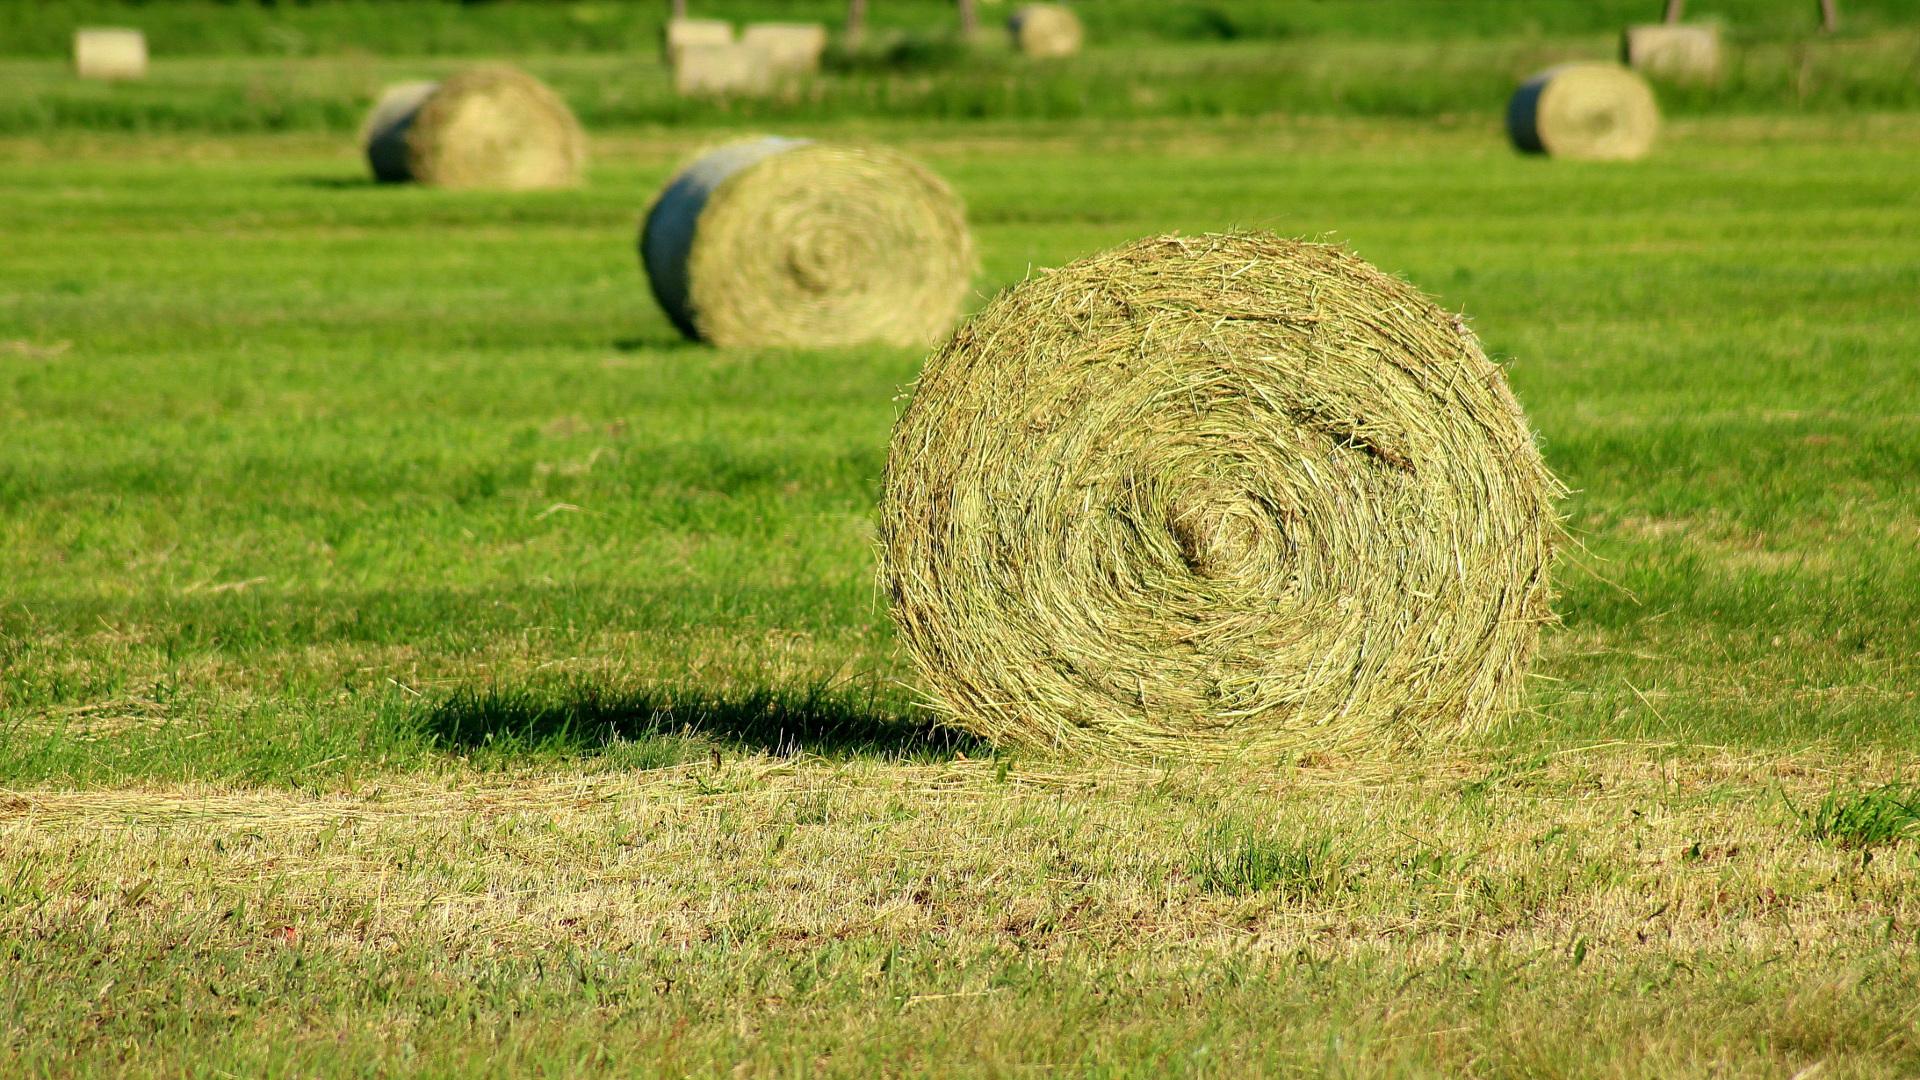 El Fondo Español de Garantia Agraria hizo publico estos dias el listado de beneficiarios de las ayudas de la Política Agraria Comun (PAC) en el 2017.1920